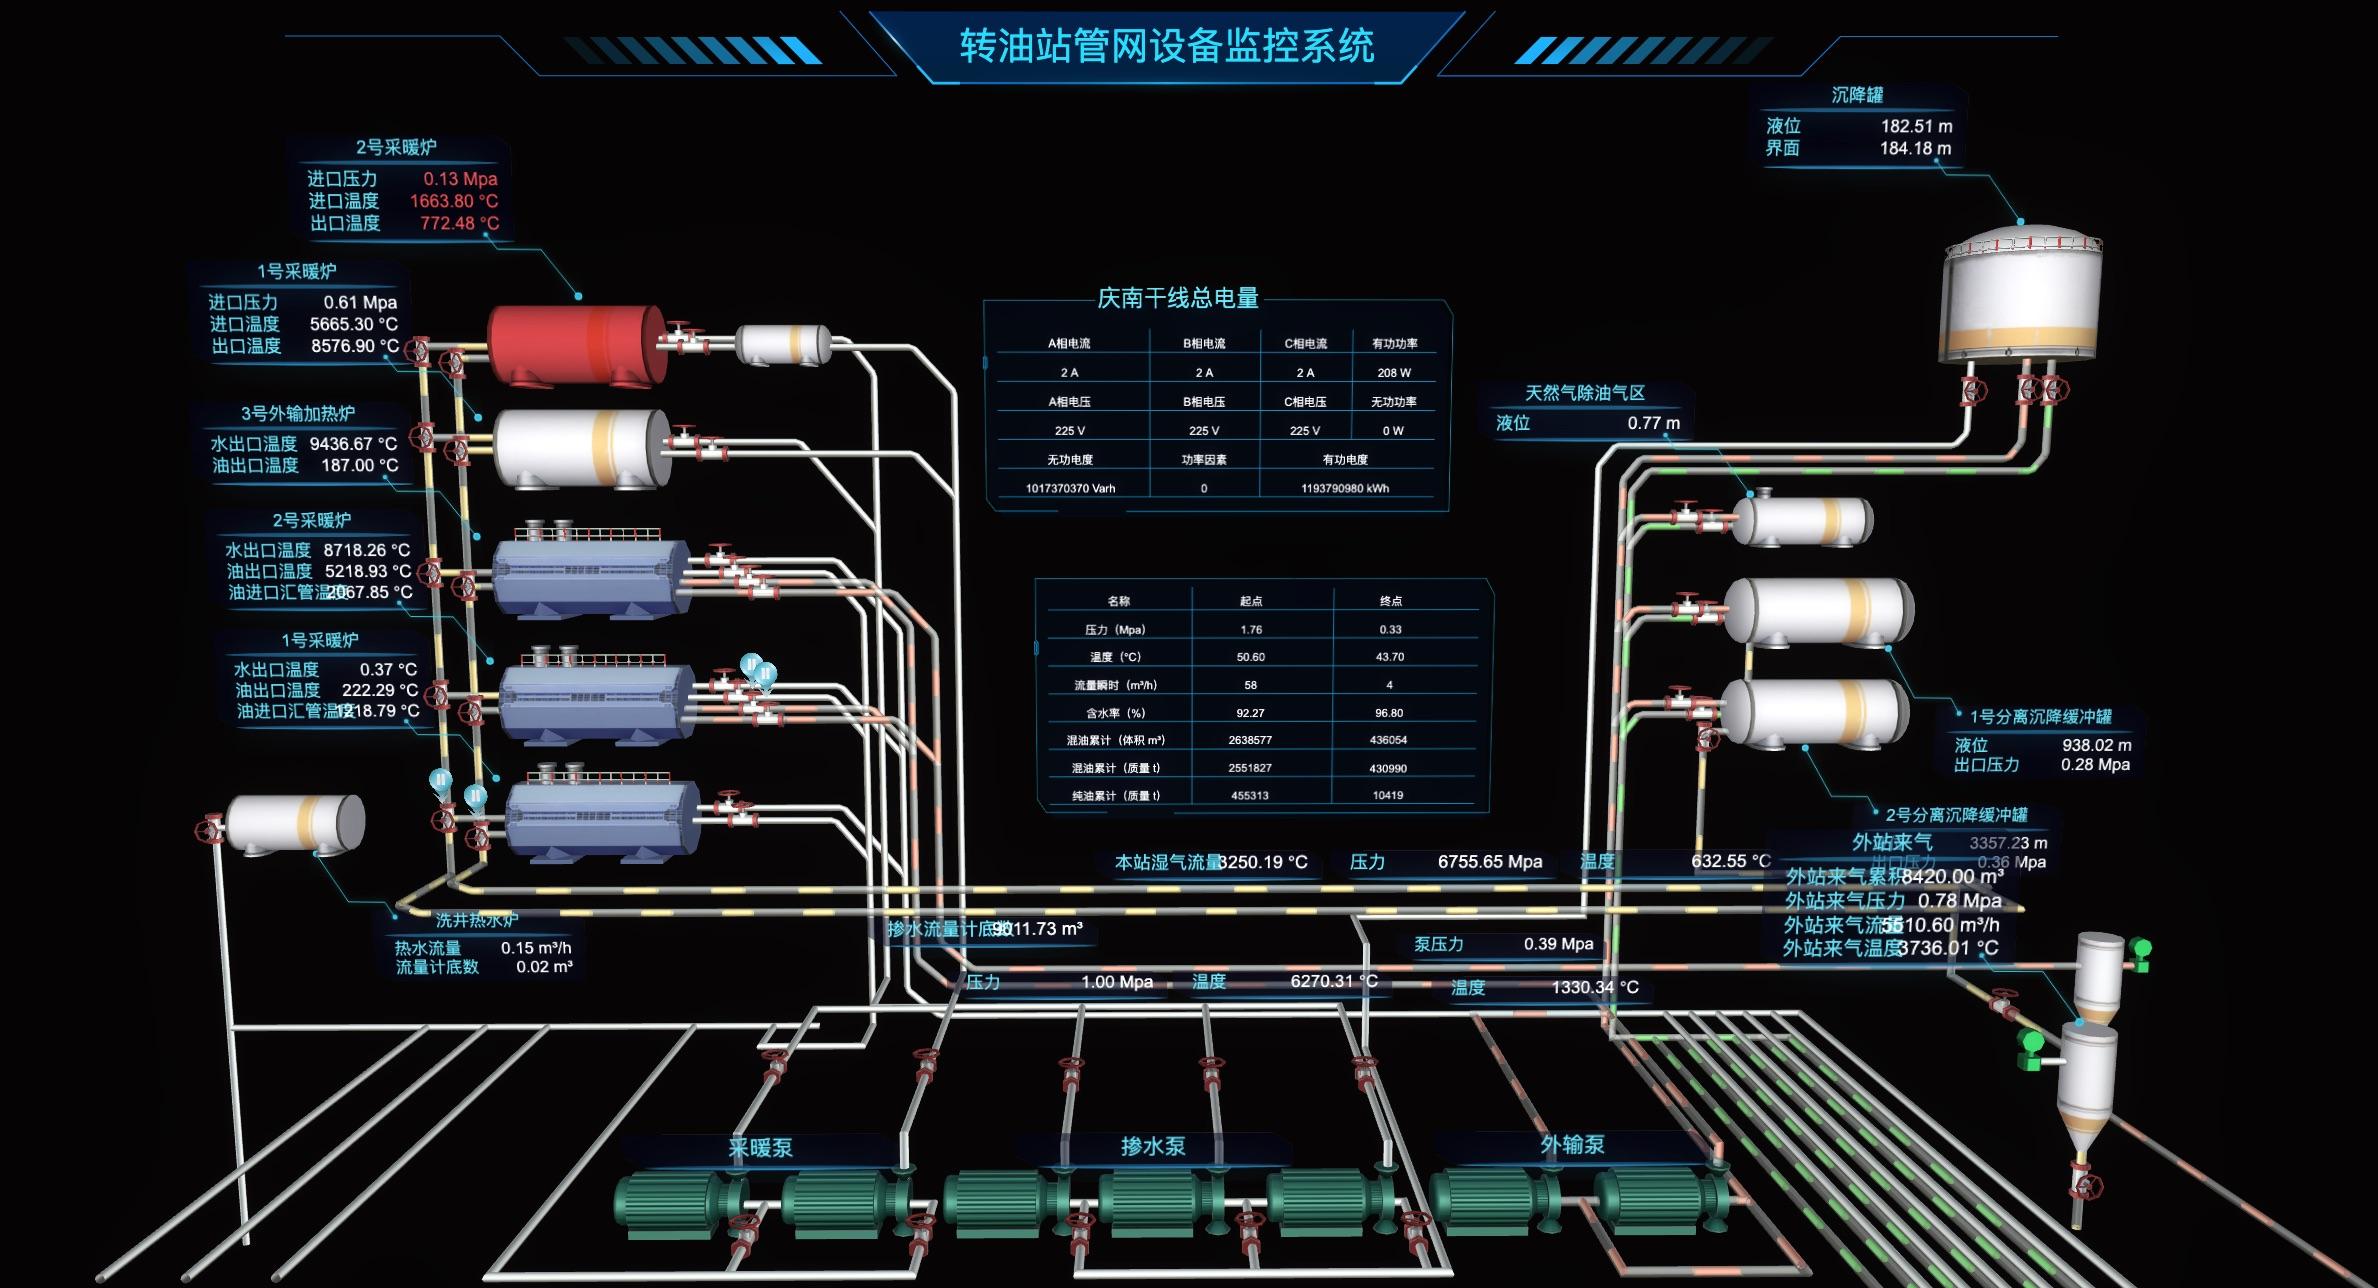 转油站管网设备监控系统